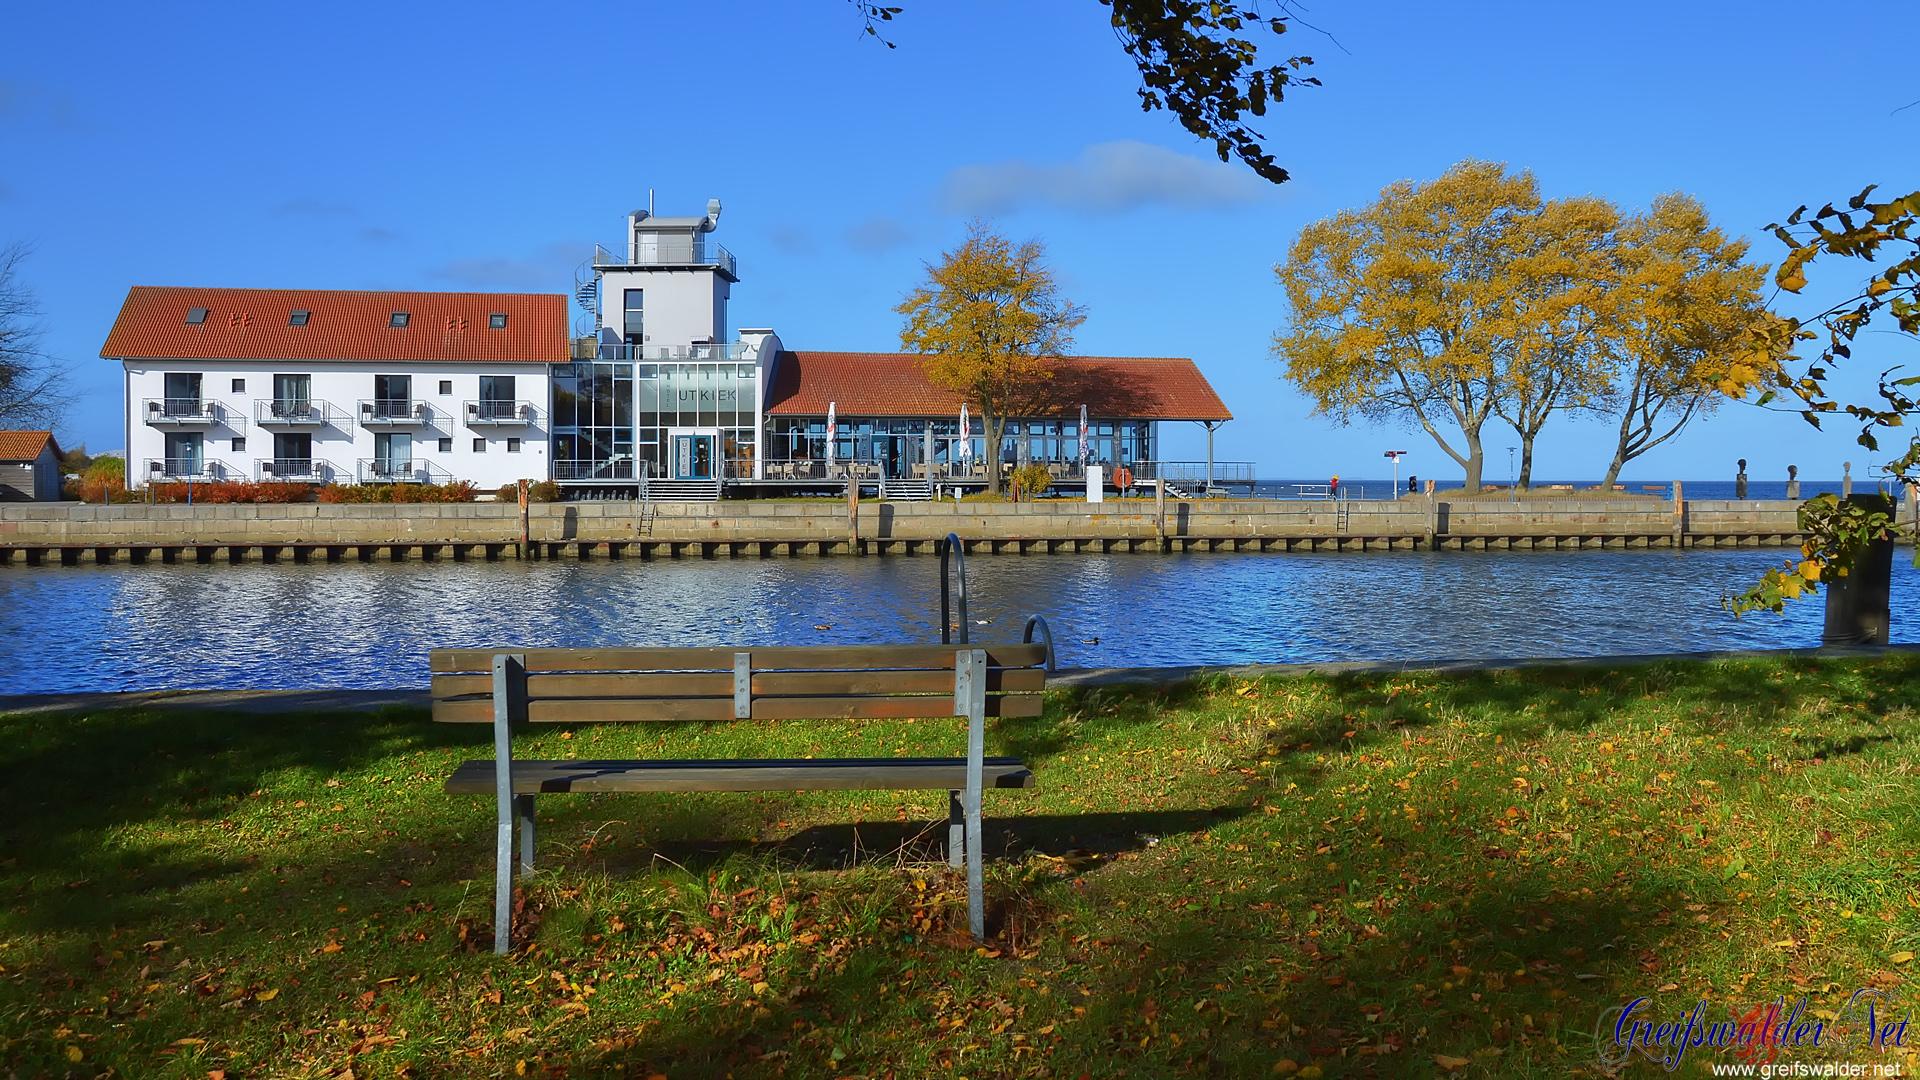 Herbststimmung am Utkiek in Greifswald-Wieck